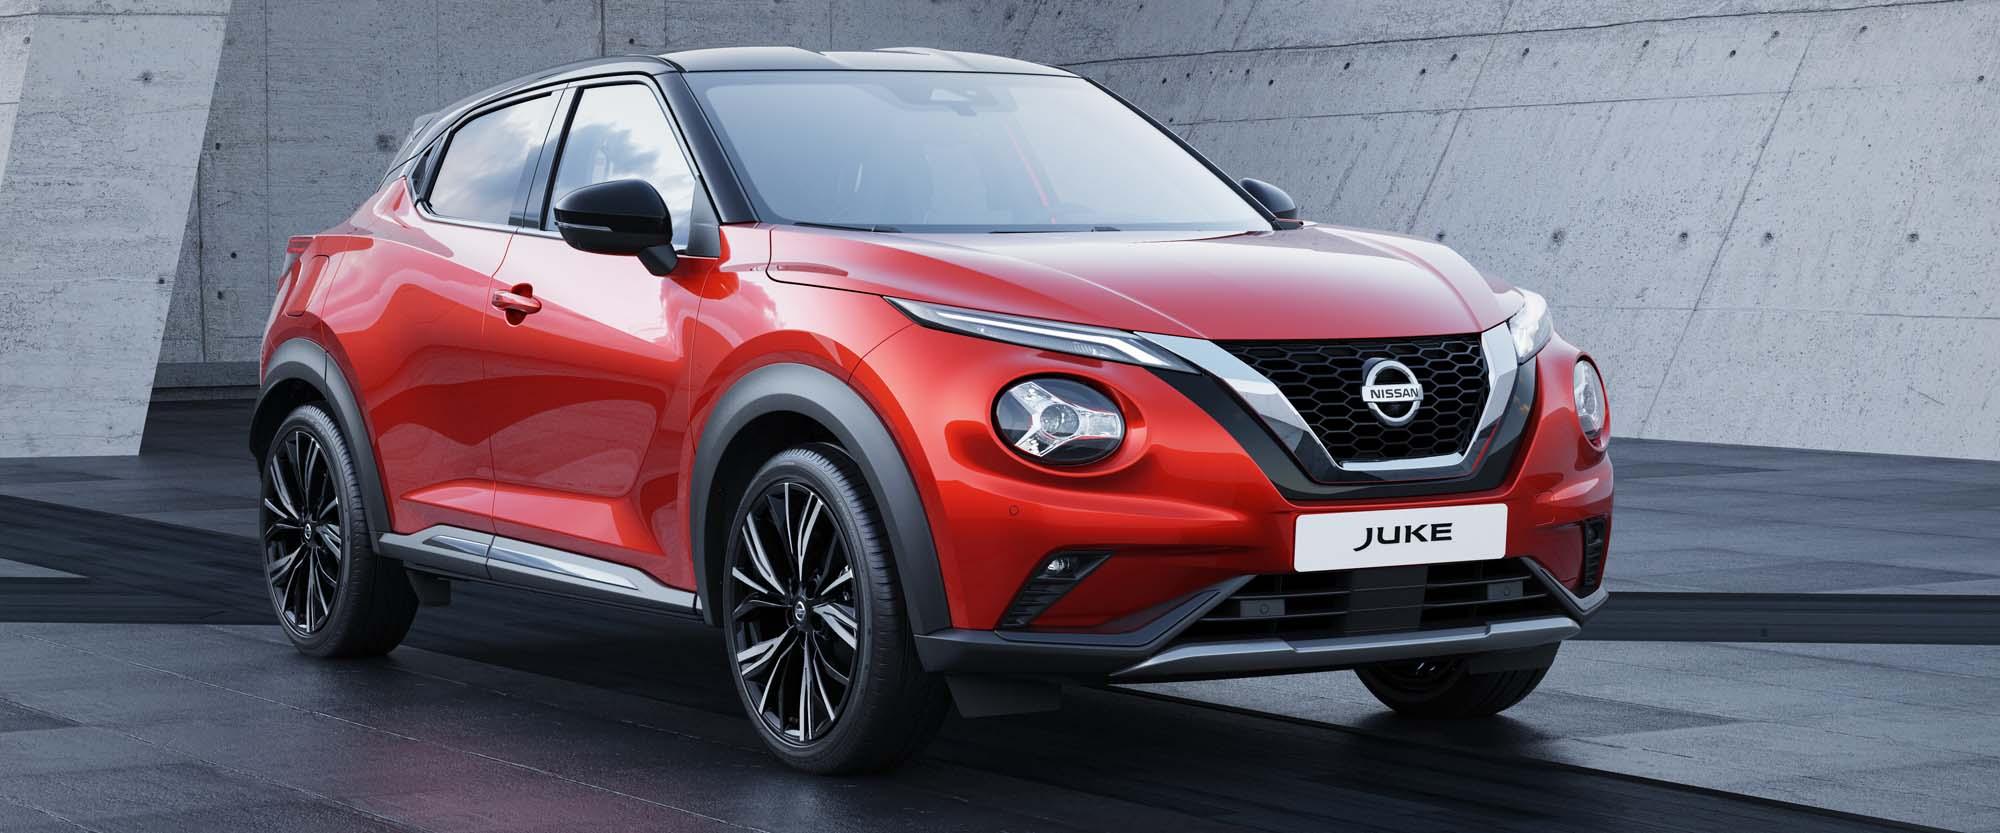 Nissan-Juke-2020-42